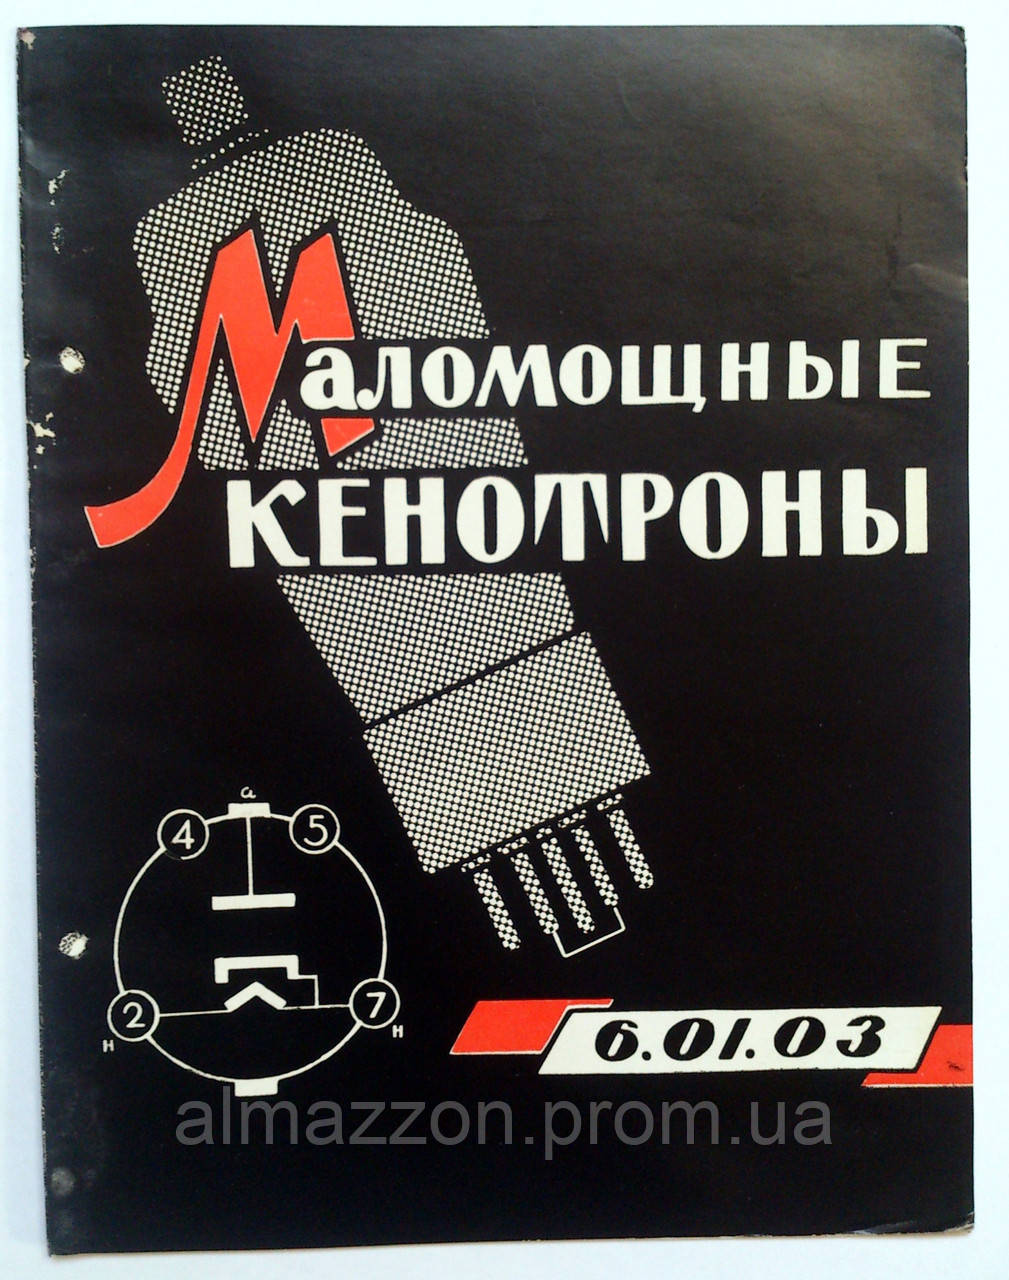 """Журнал (Бюллетень) """"Маломощные кенотроны 6.01.03"""" 1962 год"""